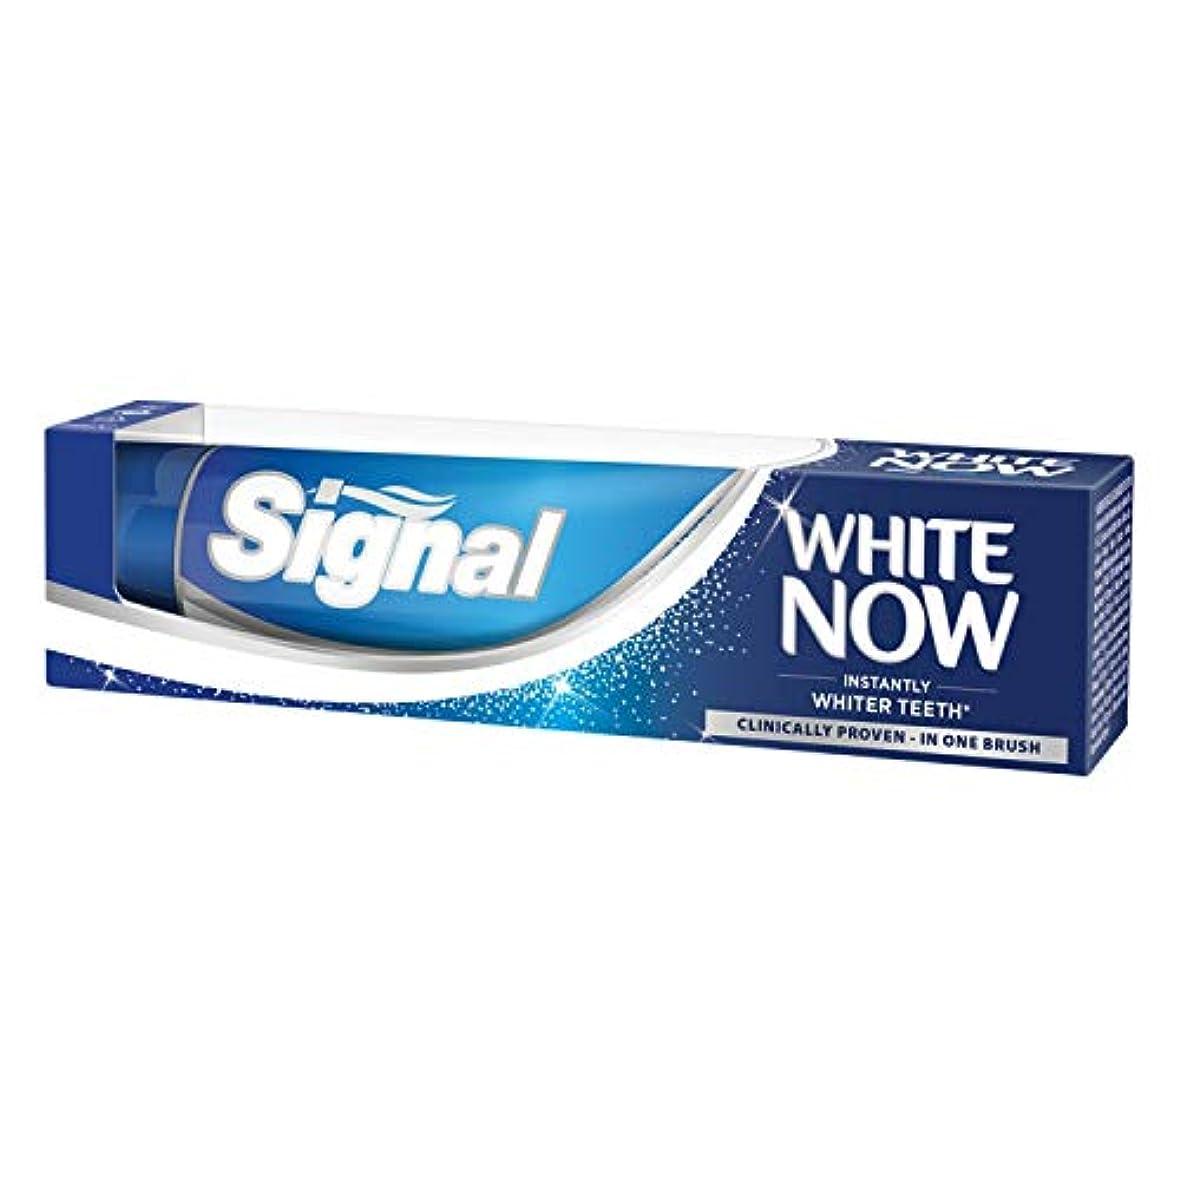 Signal(シンガル) White Now「白今」 ホワイトニング歯磨き粉 インスタント効果、臨床的に証明された 75ml 3個入り [並行輸入品]